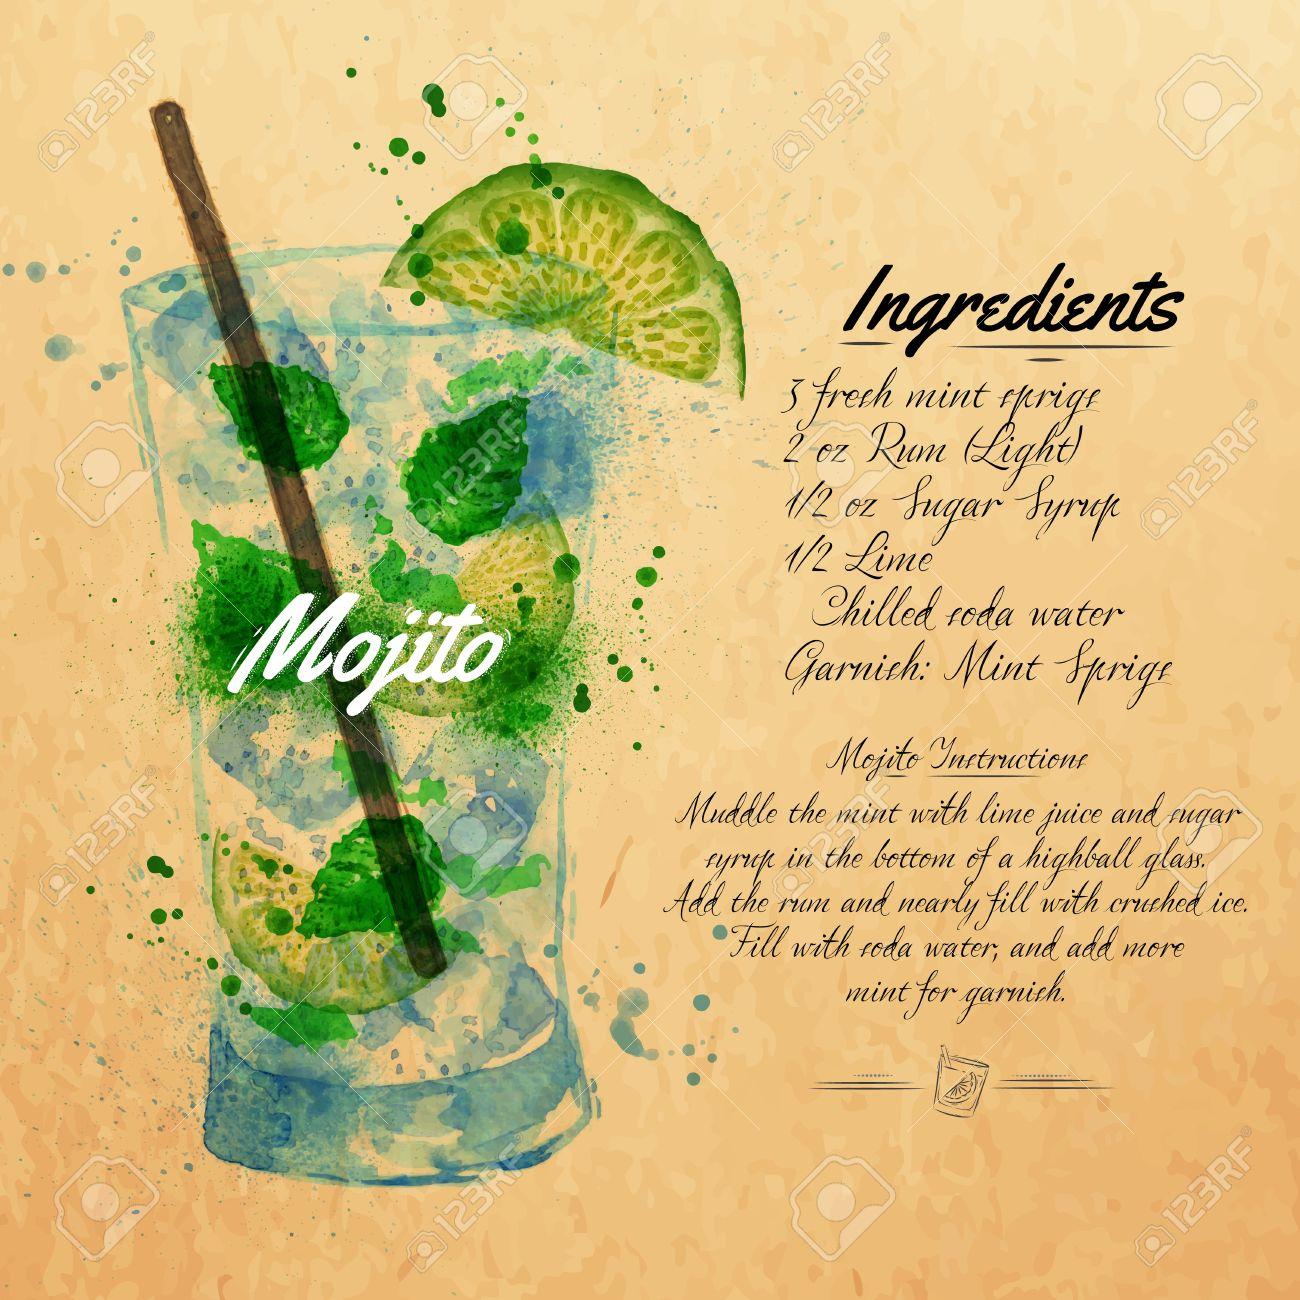 Wunderschön Rezept Mojito Cocktail Ideen Von Cocktails Aquarellflecken Und Flecken Mit Einem Spray,